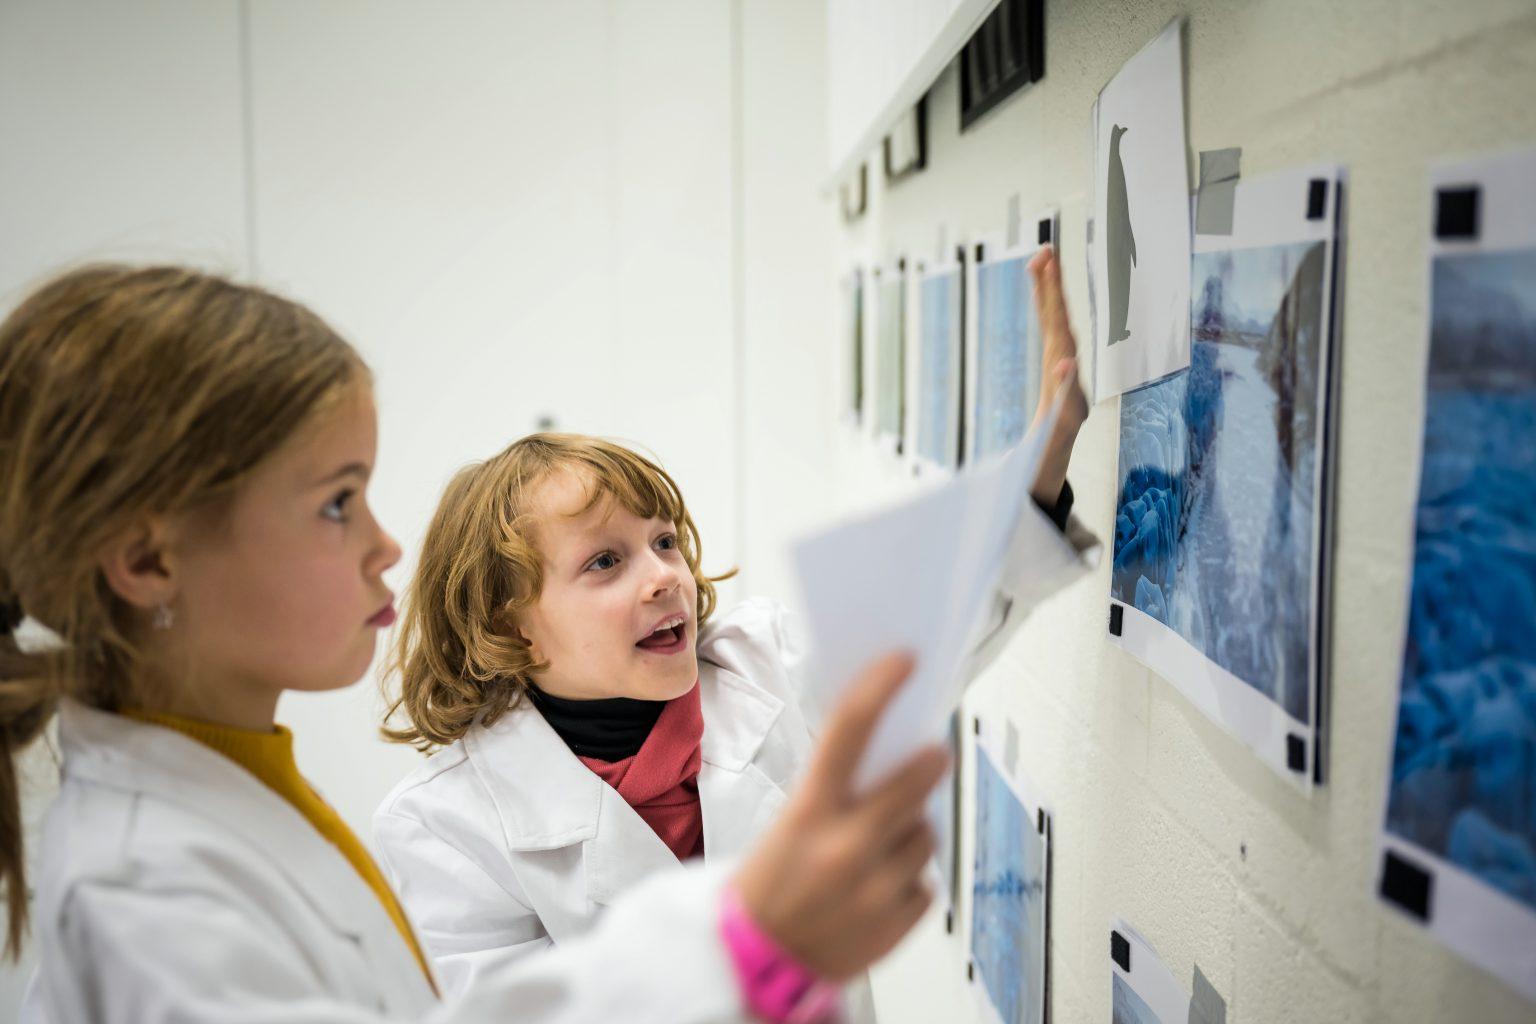 Atelier ludique sur les animaux et leur environnement, Ateliers scientifiques de l'UDEC au Biopark deCharleroi, Aurore Delsoir photographe corporate